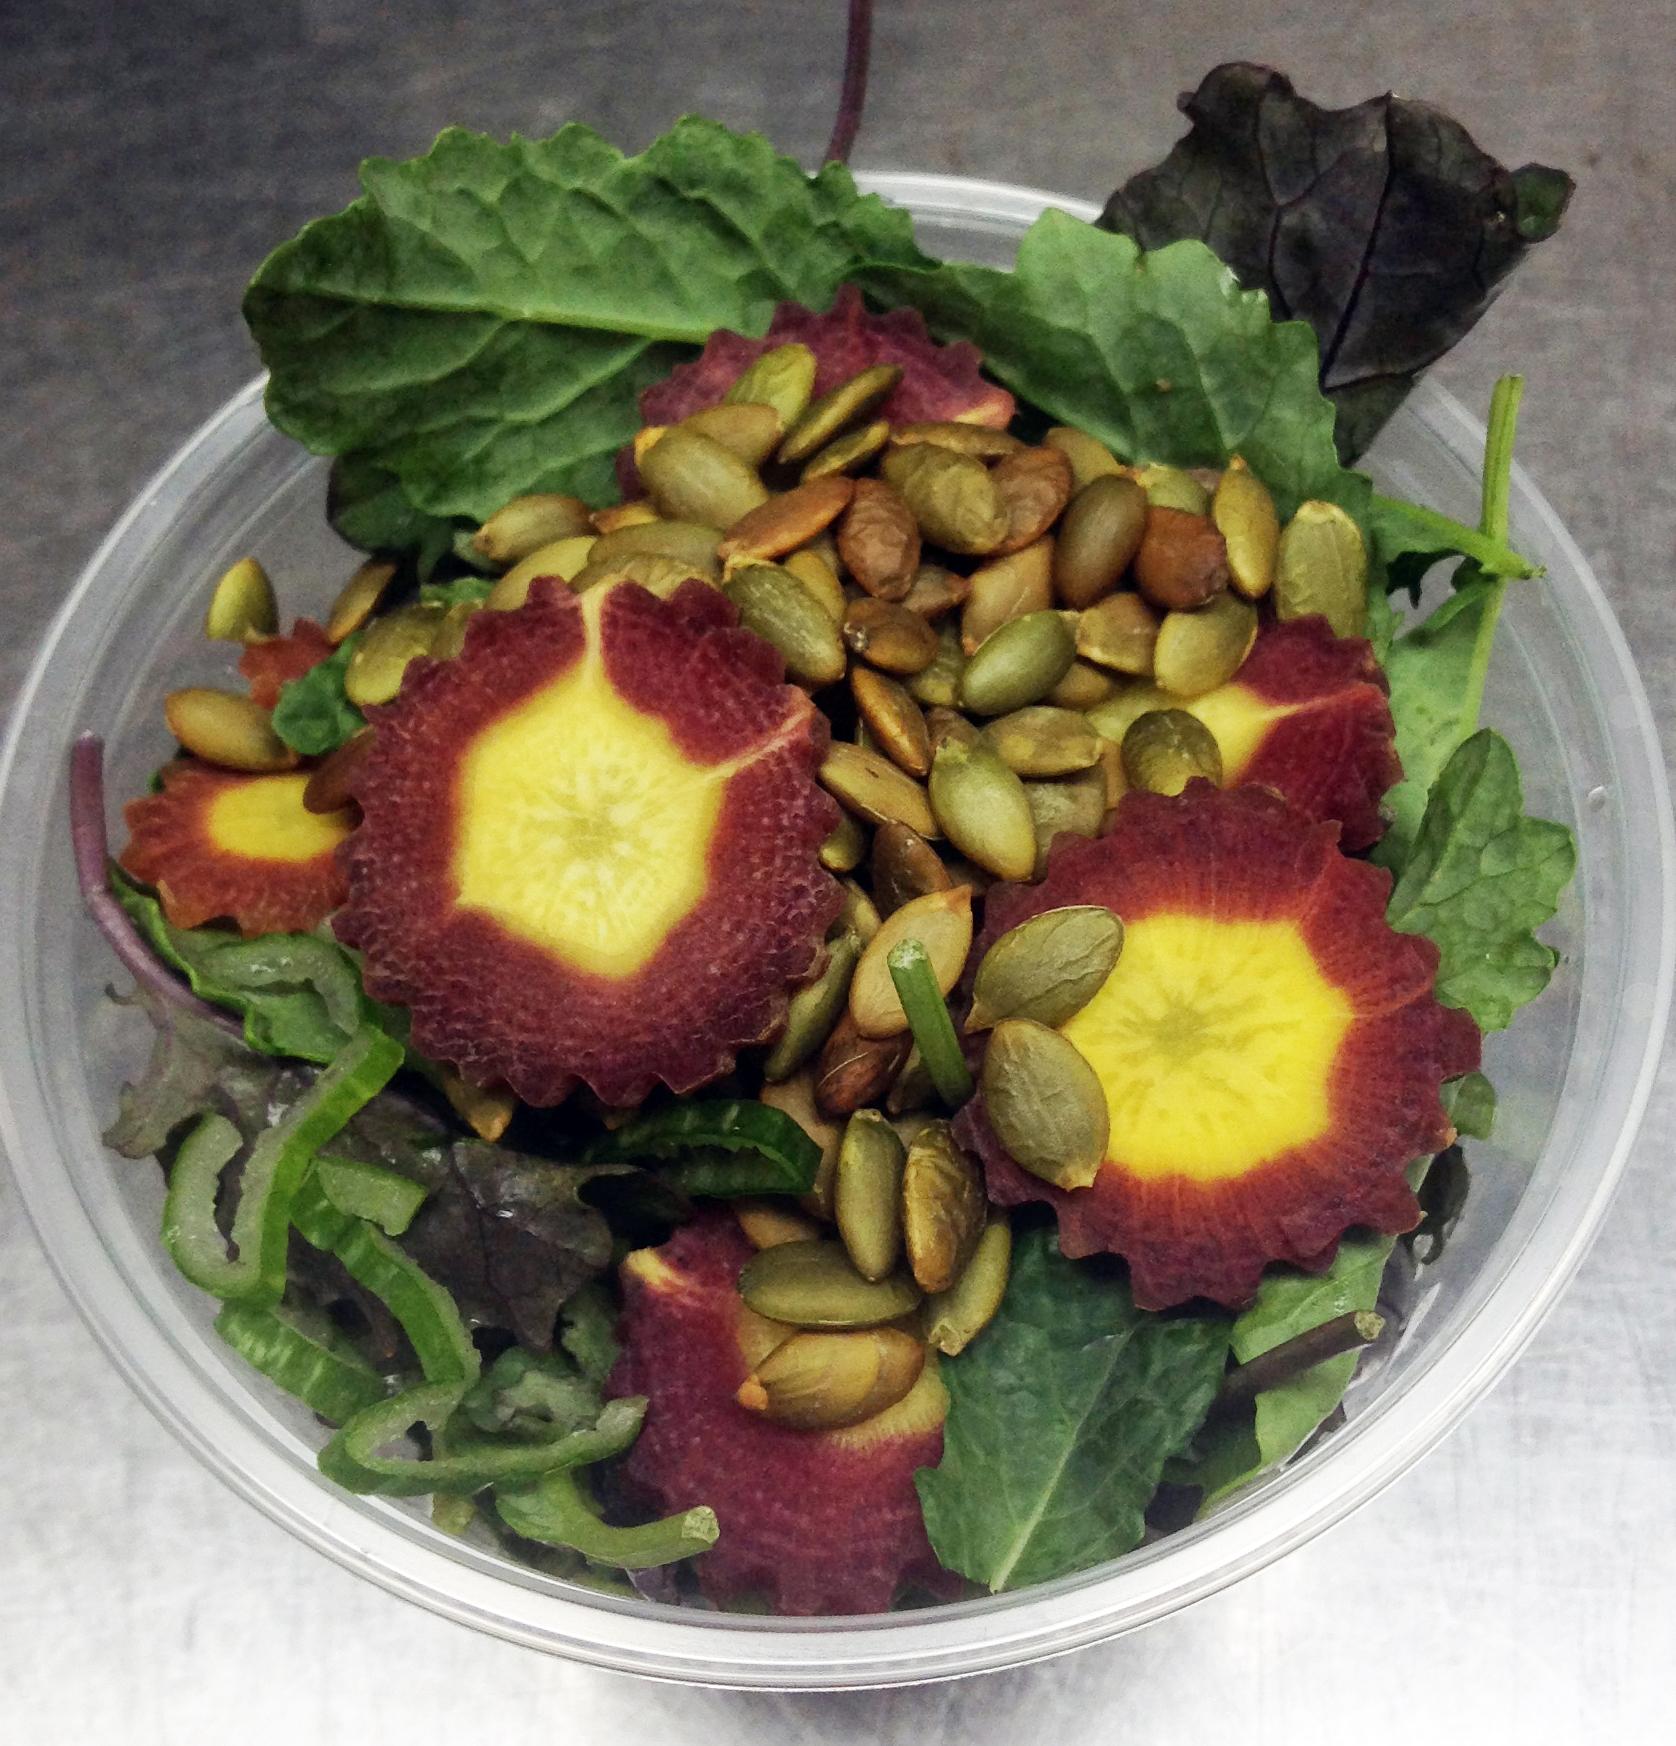 kale-salad.jpg